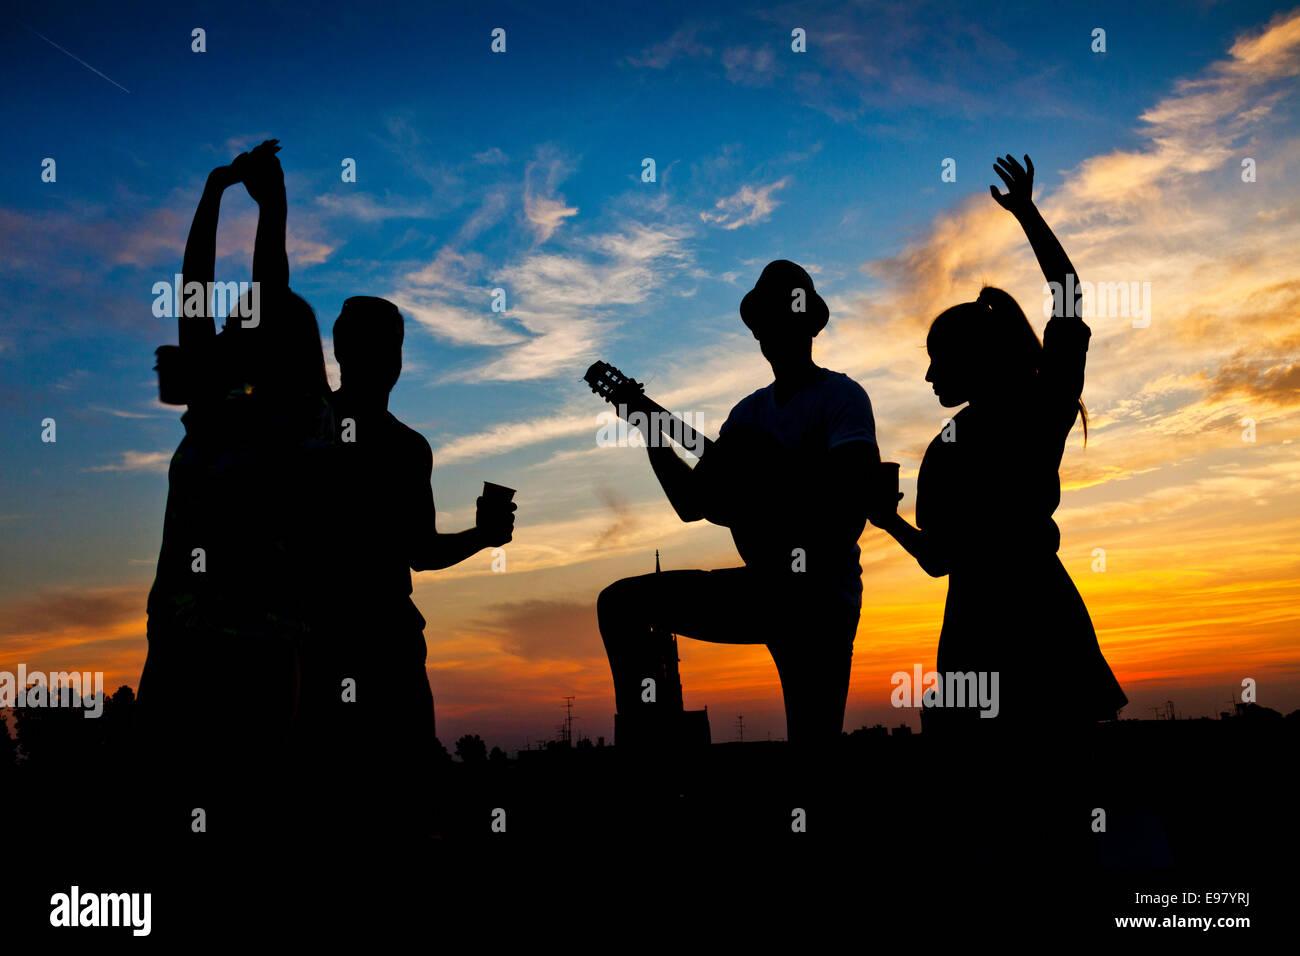 Junge Menschen tanzen und Spaß bei Sonnenuntergang Stockbild